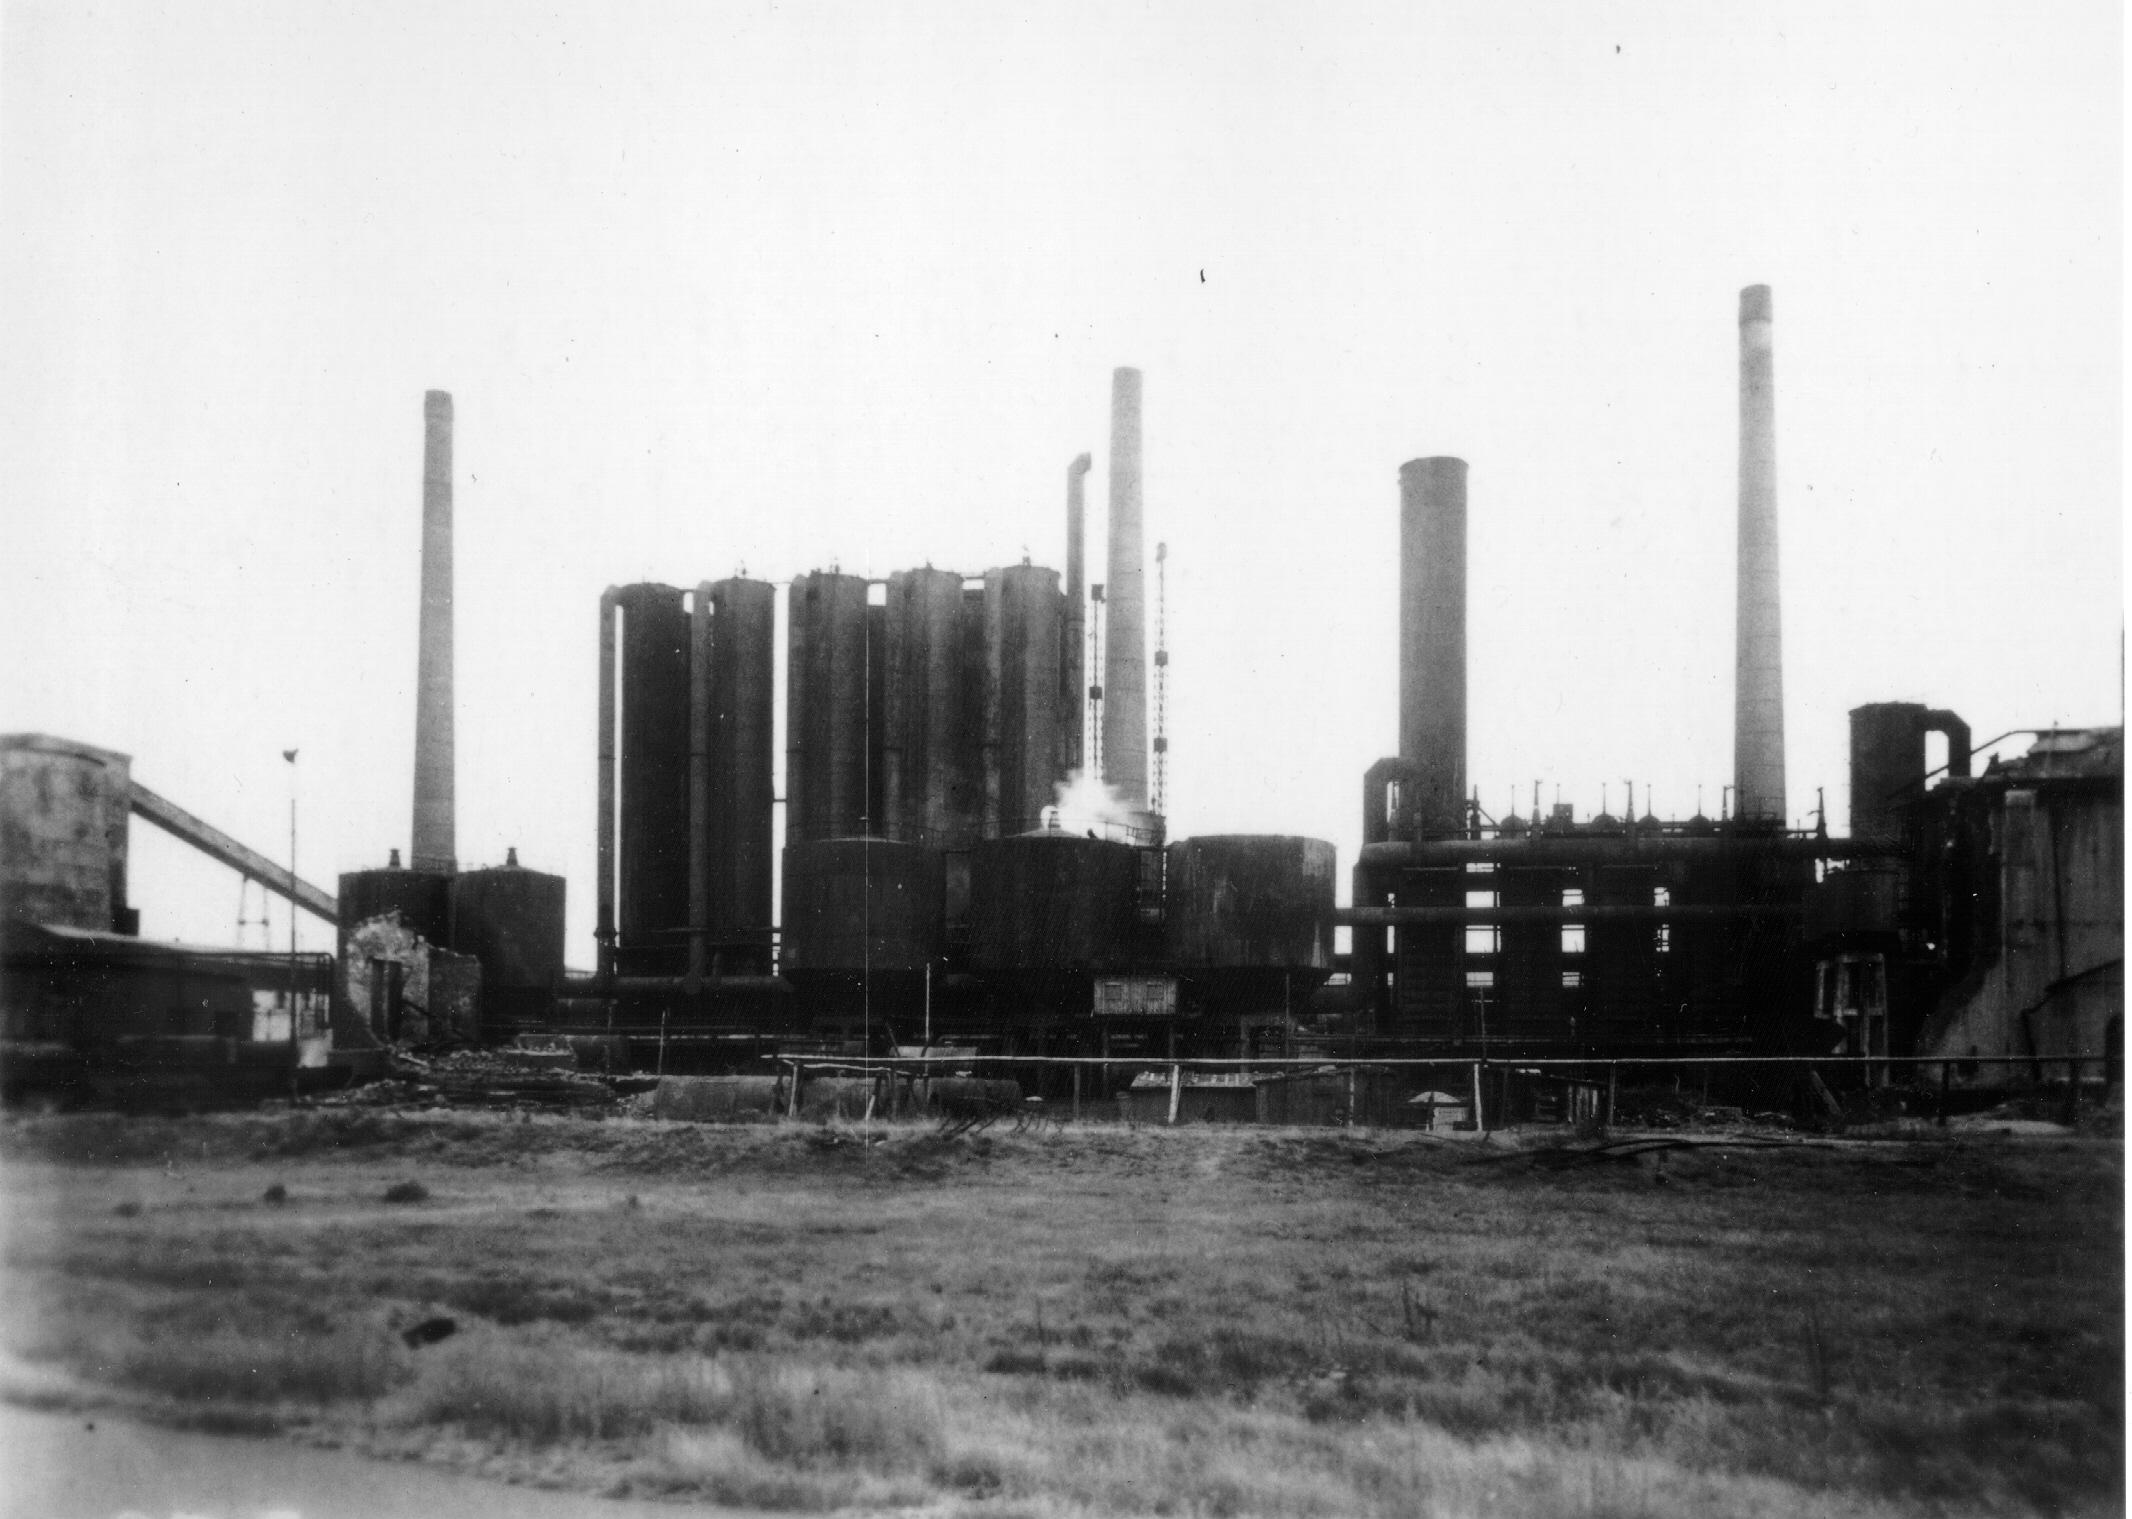 Schwarz-Weiß Fotos der Kokerei Prosper